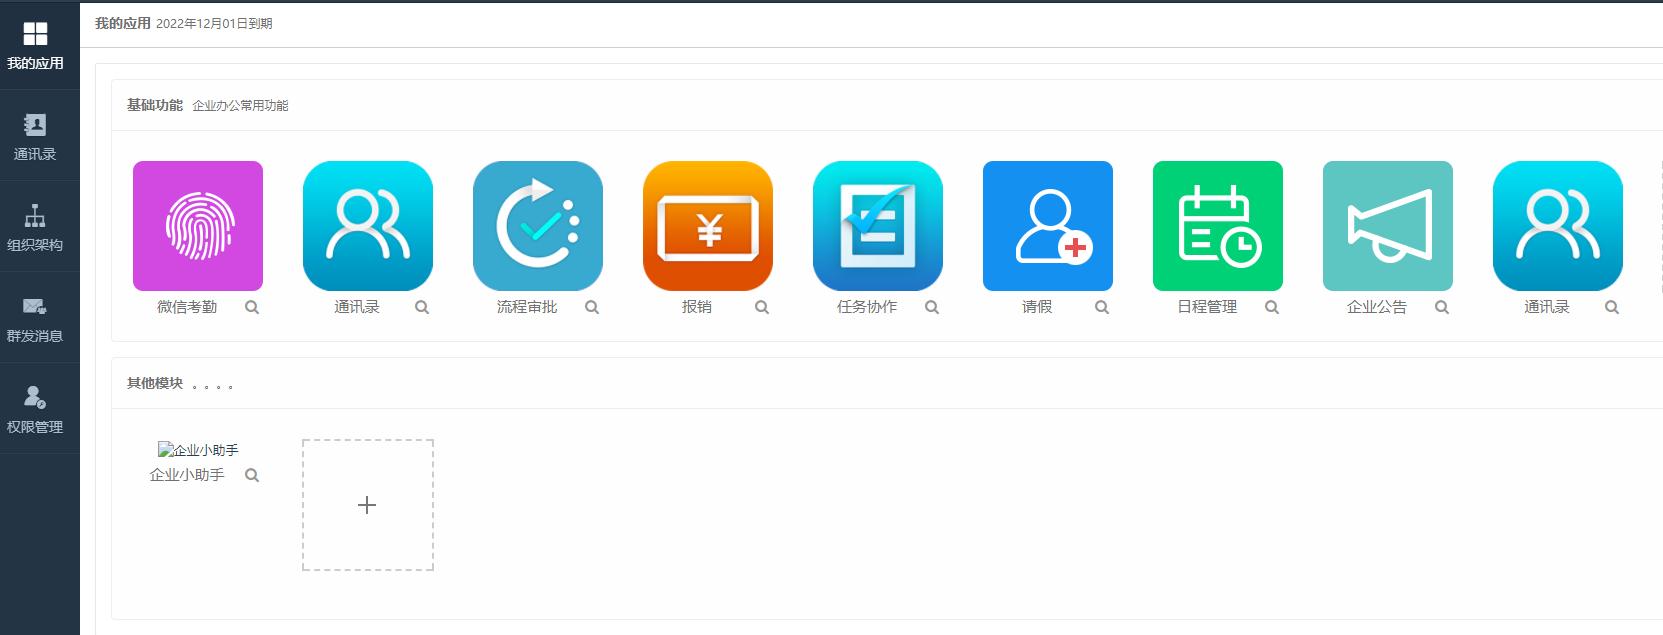 【免费下载】微信企业OA系统,微信移动OA办公,含CRM+进销存等-好源码